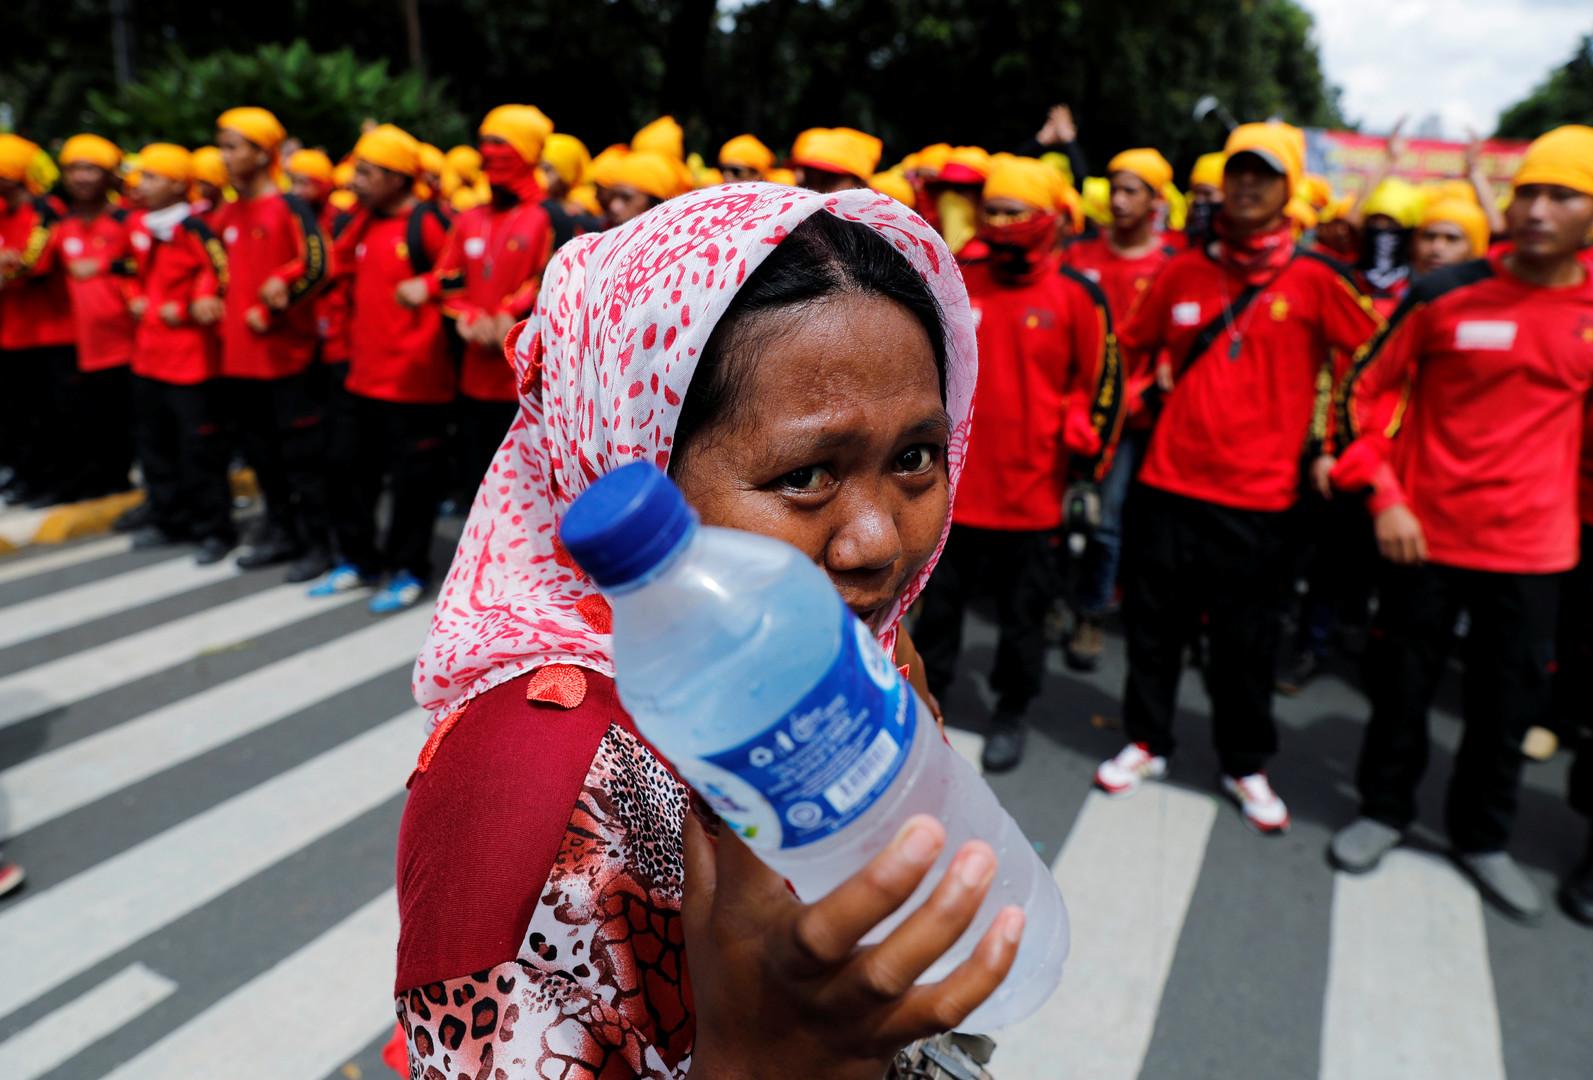 Straßenverkäuferin vor einer Demonstration am Präsidentenpalast in Jakarta, Indonesien.